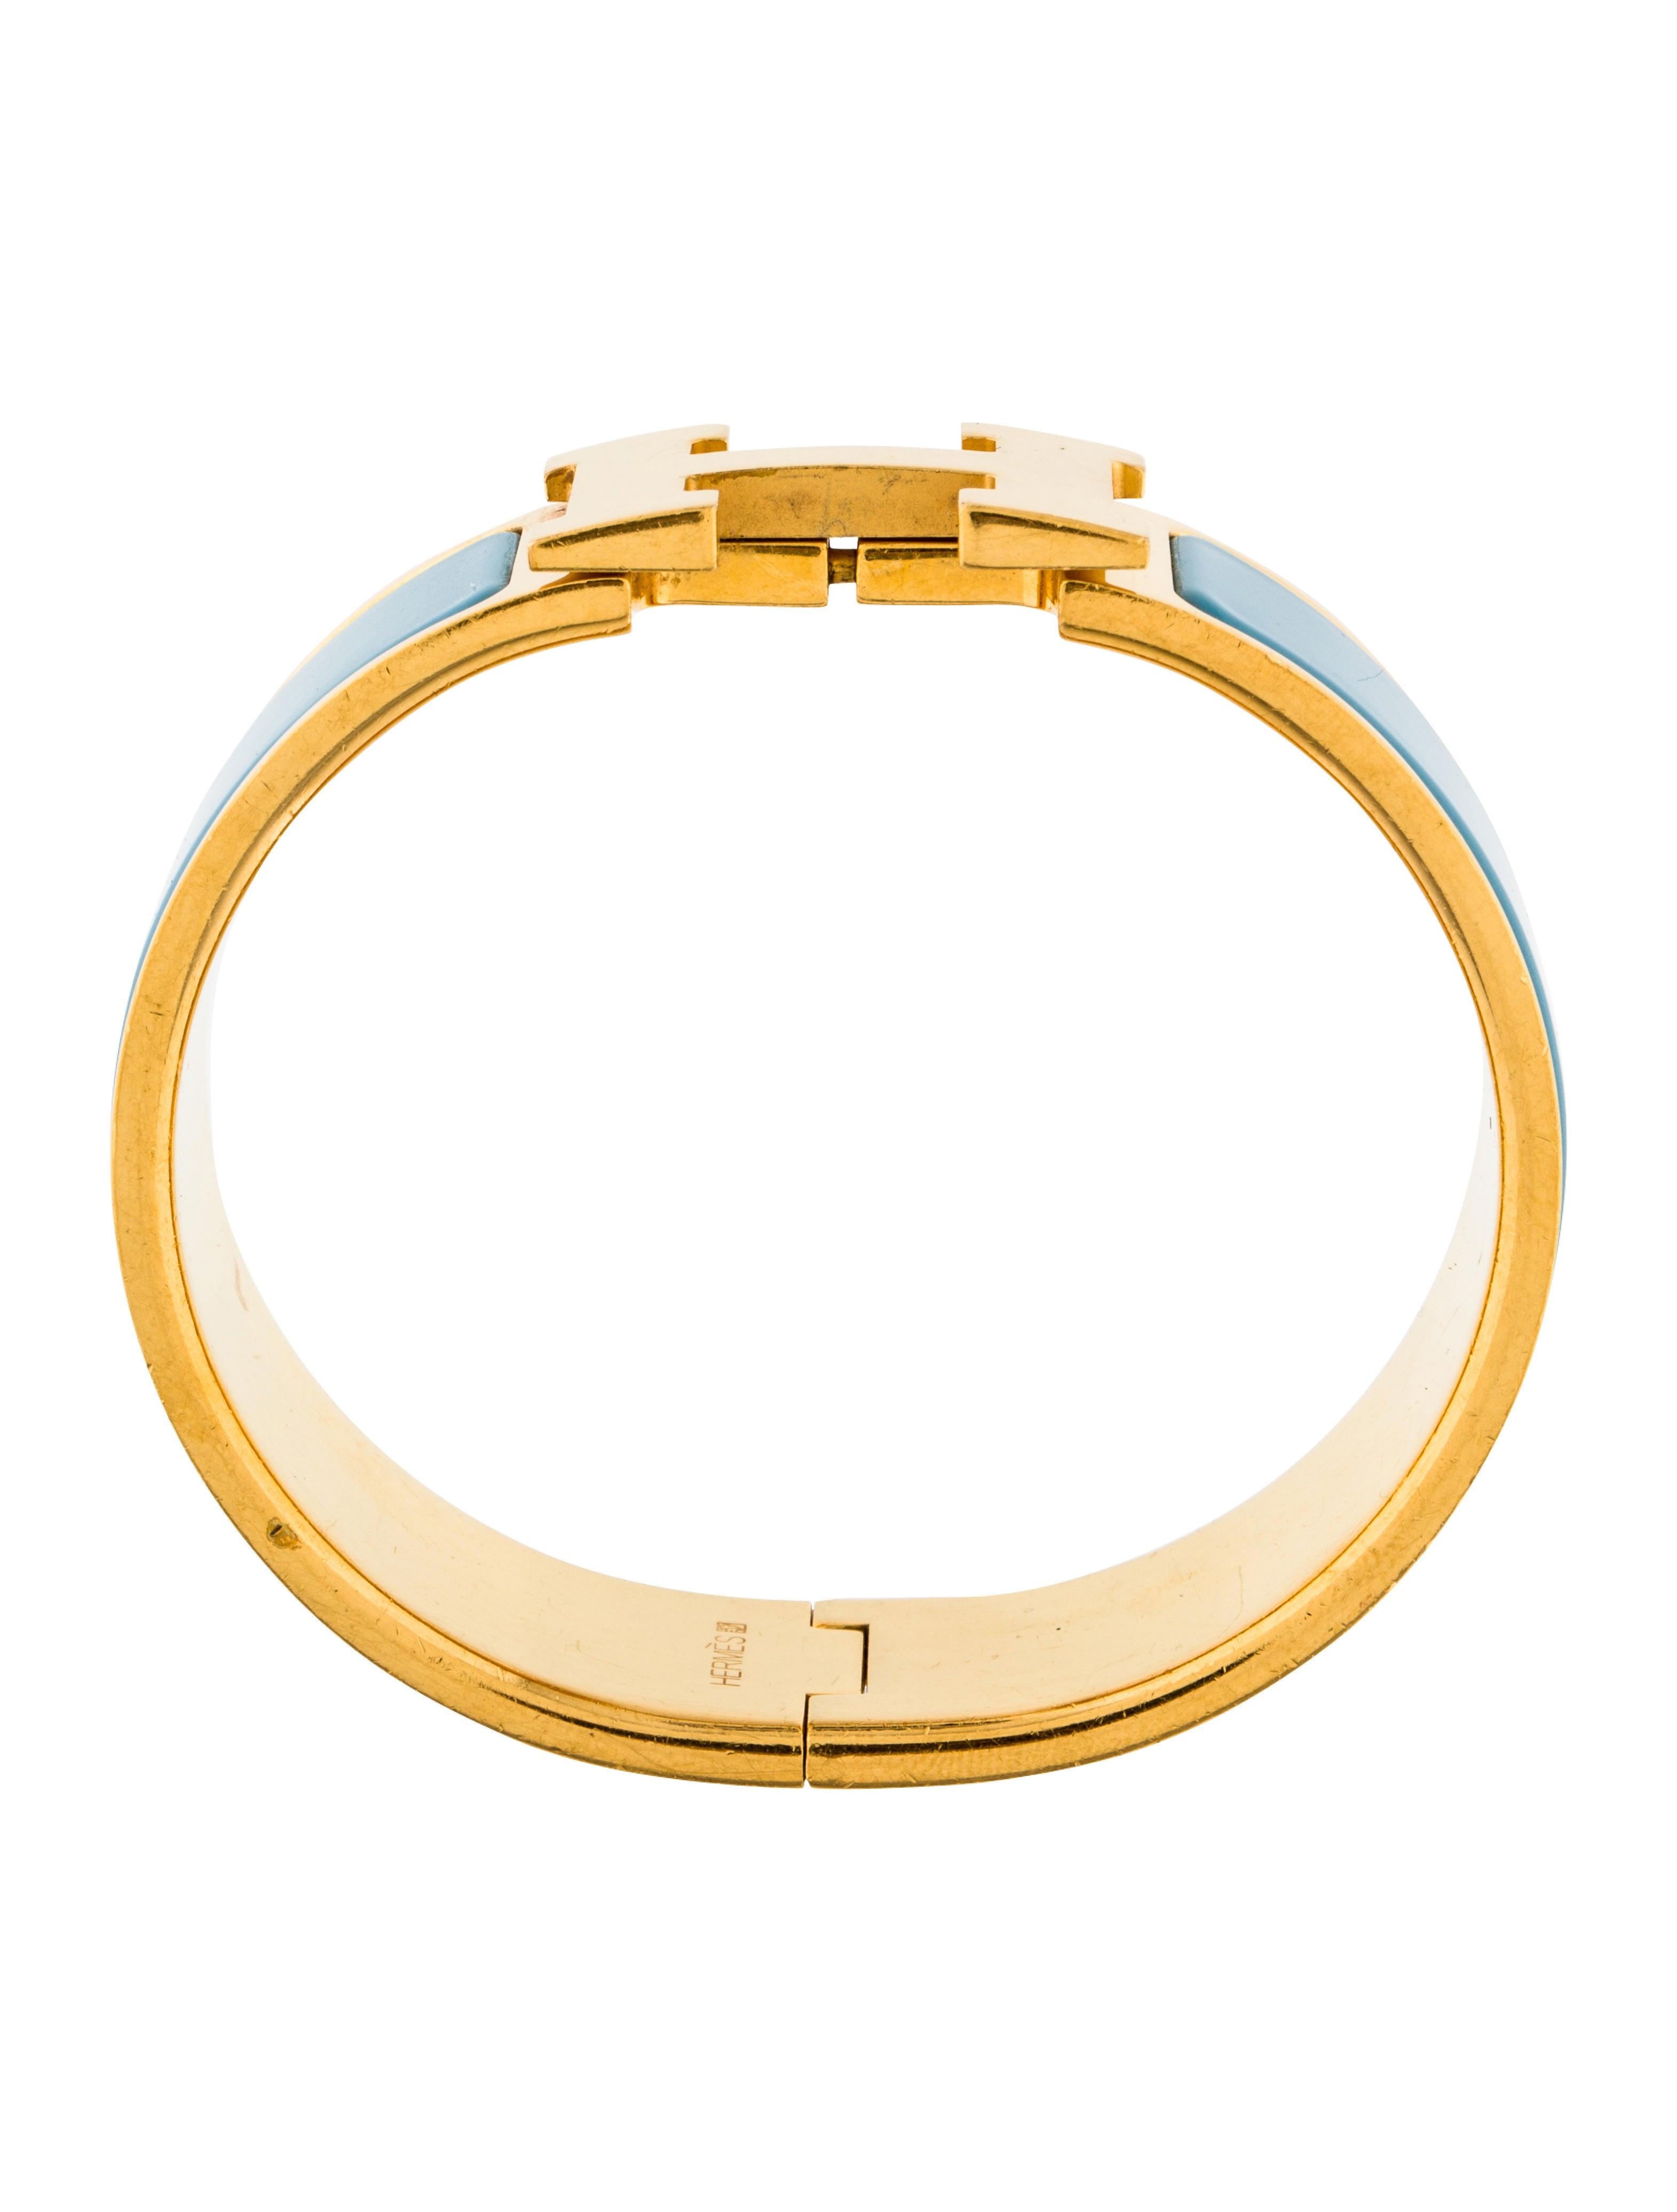 herm s clic clac h bracelet bracelets her116388 the. Black Bedroom Furniture Sets. Home Design Ideas